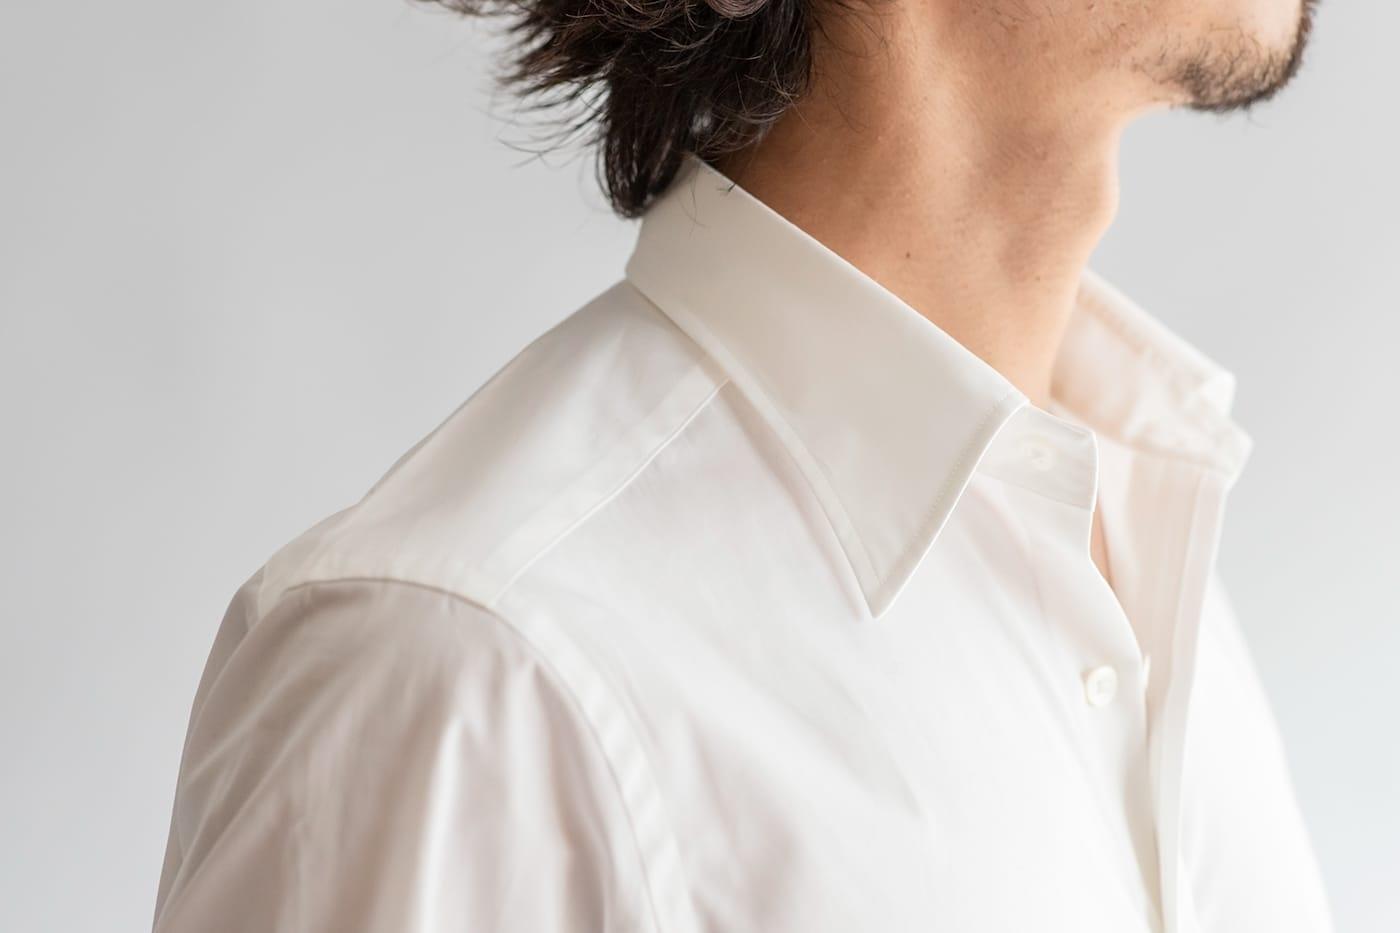 ドレスシャツ「ロンドン」 シャツ一枚でもサマになる、カーブした襟